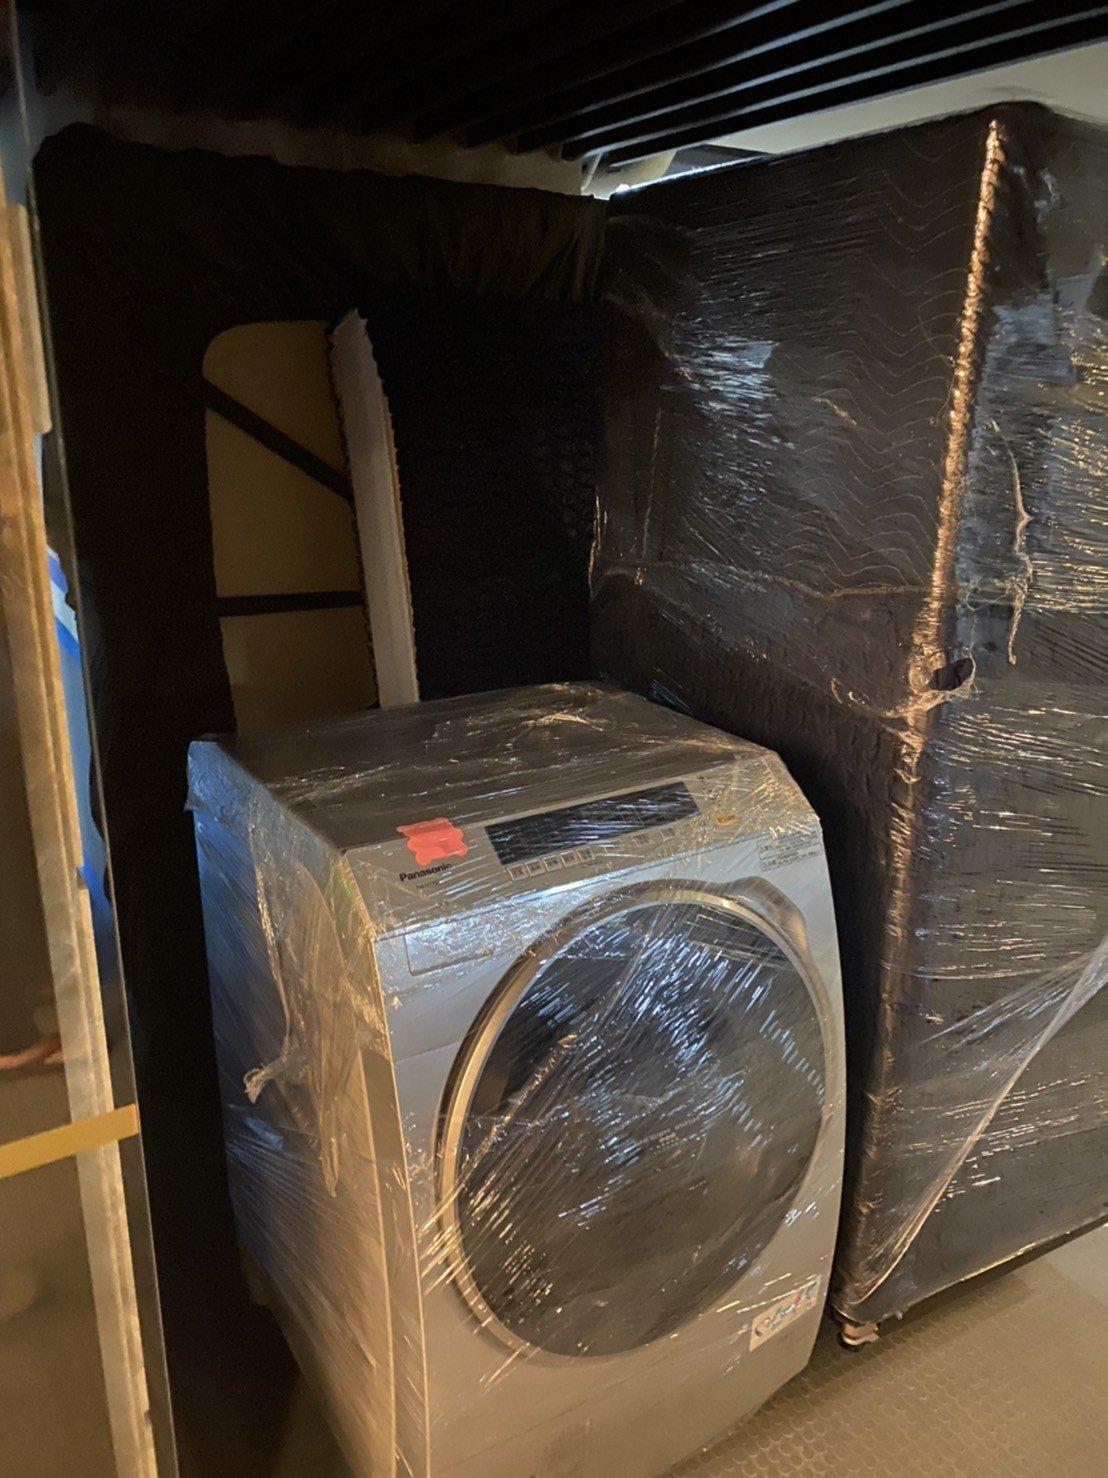 搬洗衣機【榮福搬家公司】家庭搬家、精搬金庫、搬保險櫃、精搬魚缸、跨縣搬家、搬工派遣、搬床墊、搬冰箱、搬家具、搬家首選、吊掛搬運、吊家具搬運、台北搬家公司推薦:大台北搬家,精緻包裝搬運「細膩包裝、專業搬運、用心服務、以客為尊」是榮福搬家公司的宗旨與精神。歡迎立即來電02-2651-2727專人服務。